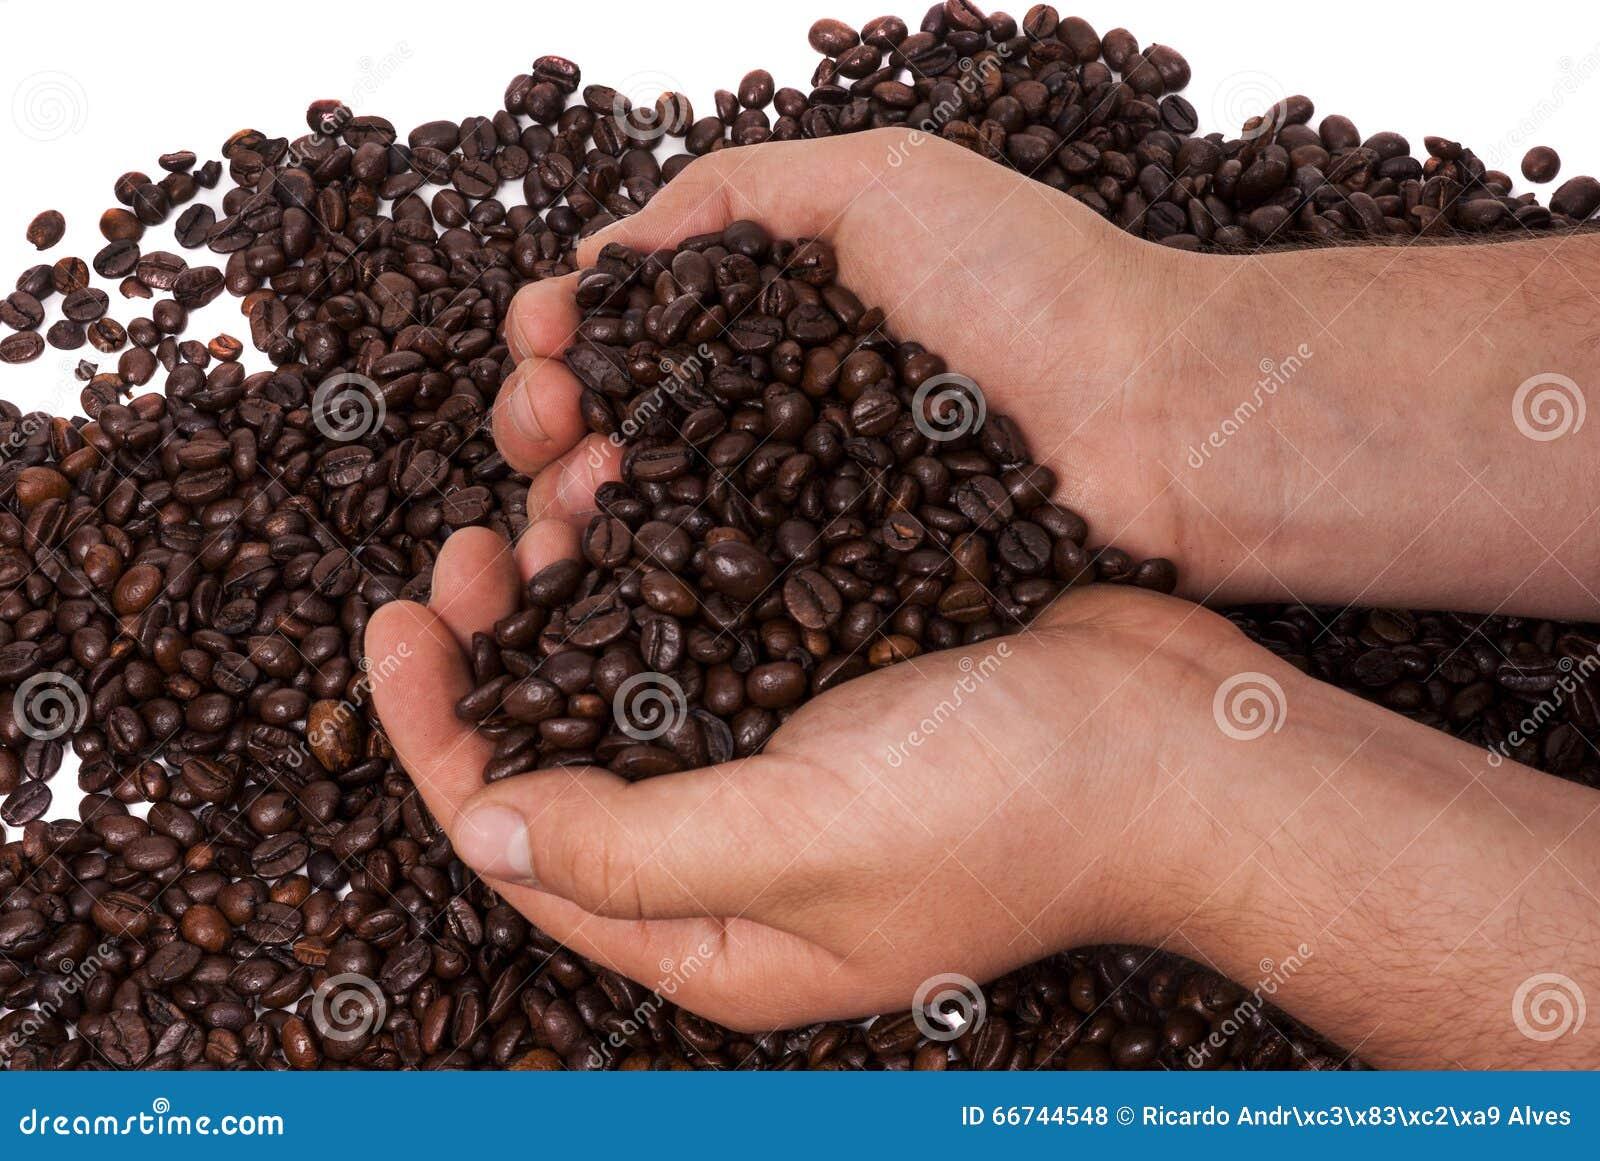 Kawa trzymająca w rękach